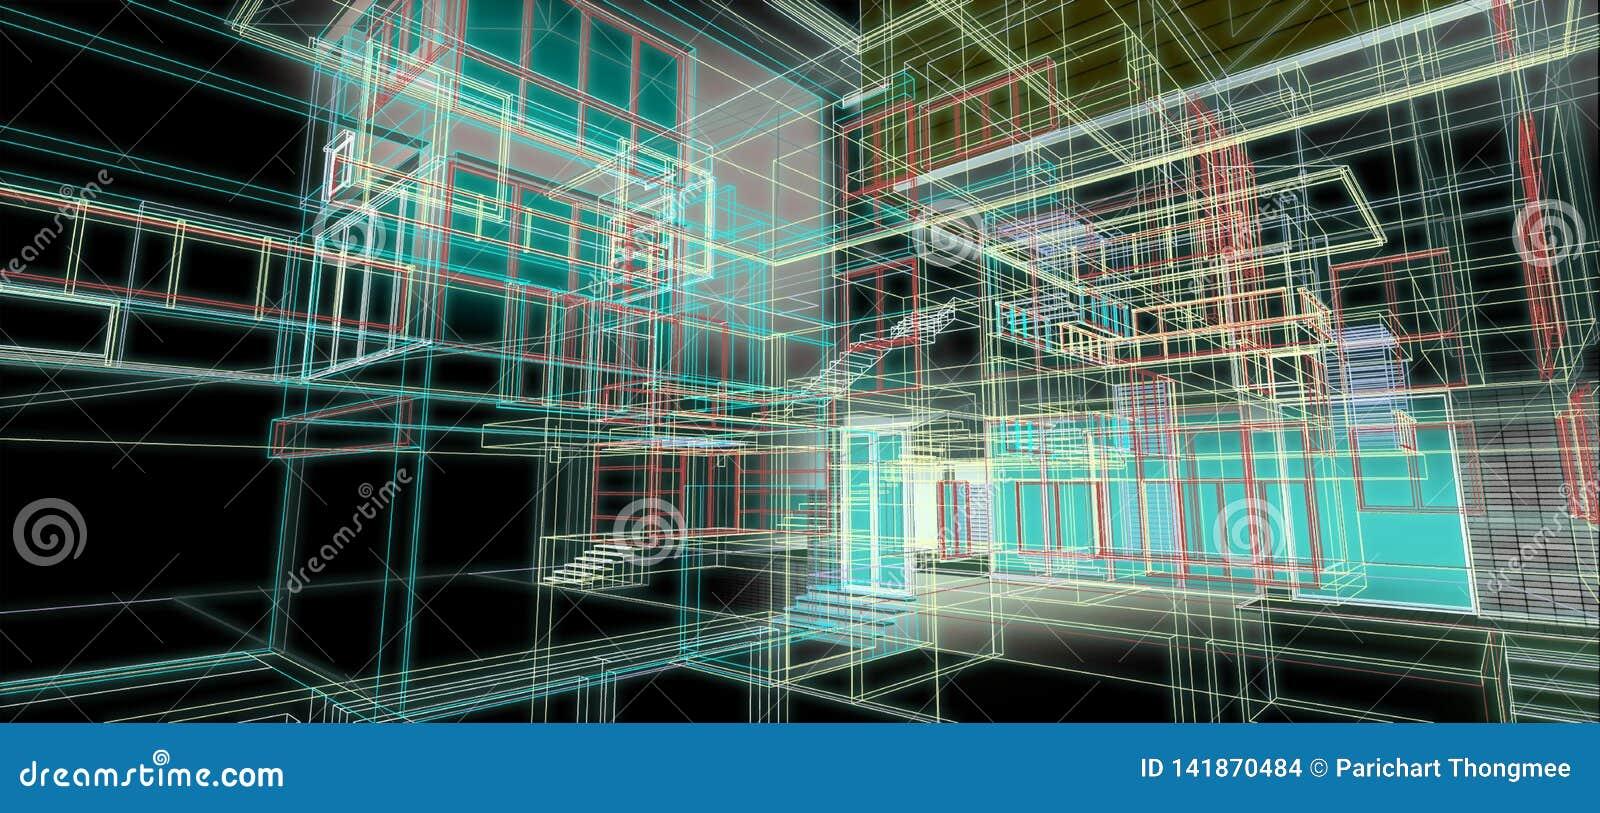 Des Perspektivendrahtrahmens des ArchitekturKonzeptes des Entwurfes 3d bunte Wiedergabe mit etwas materiellem schwarzem Hintergru